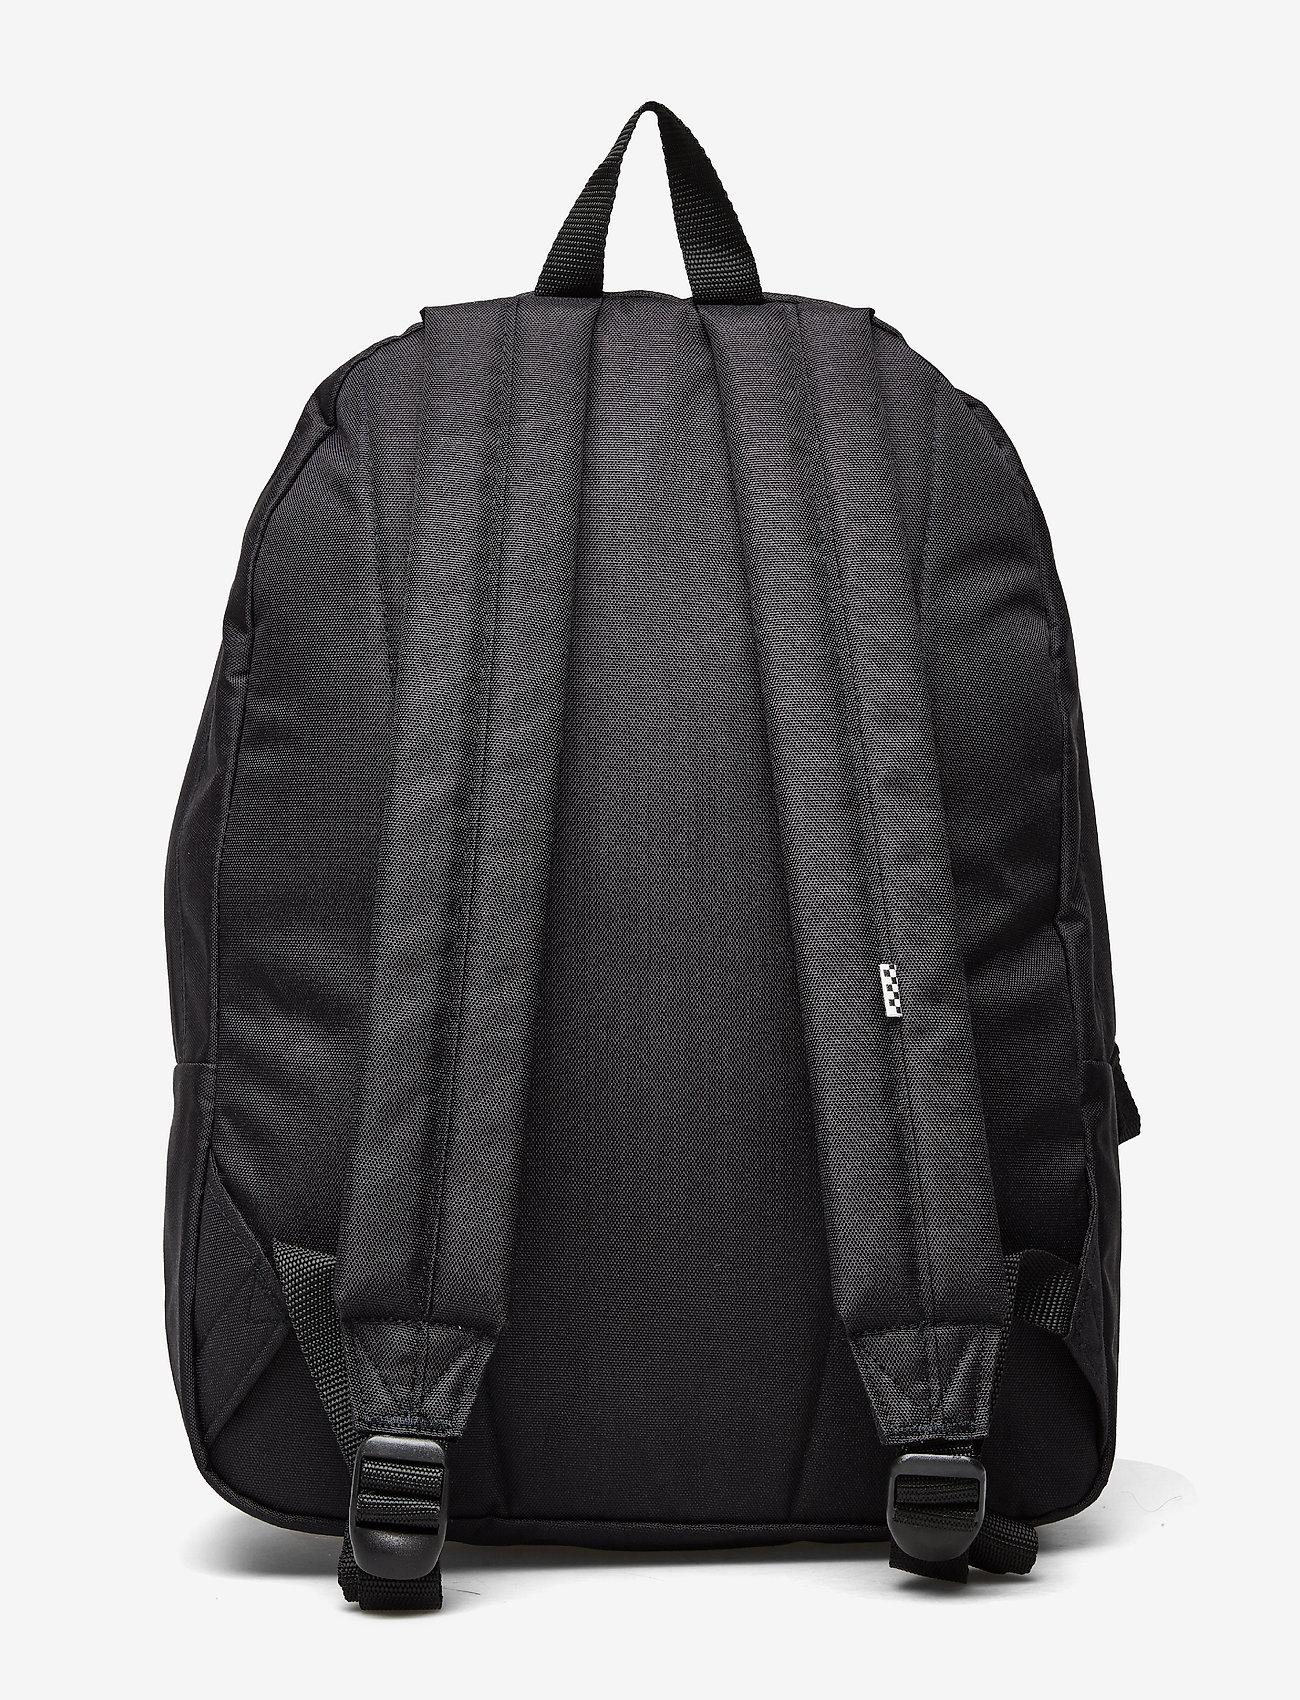 Vans Realm Backpack - Bags